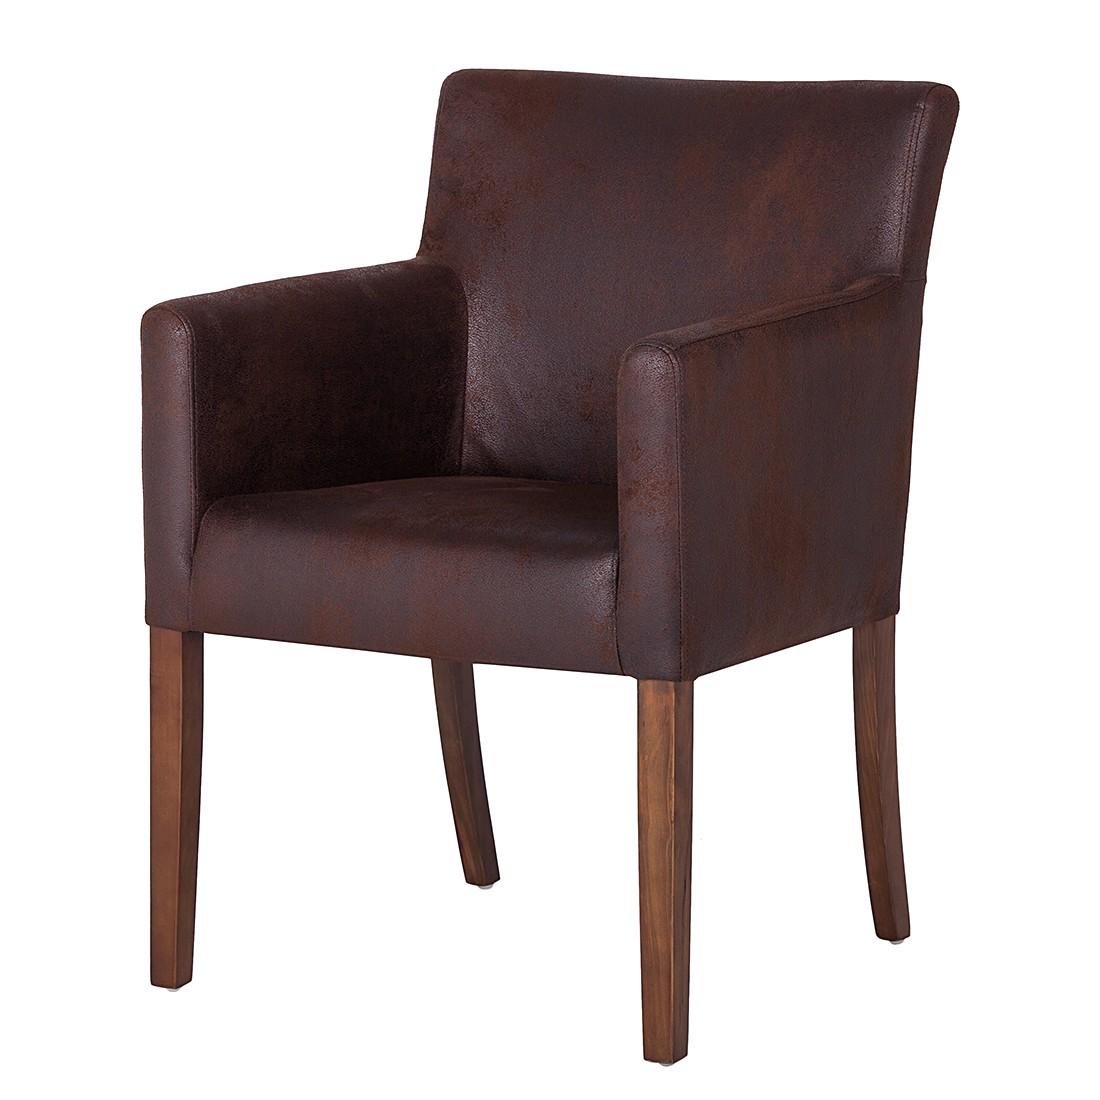 Image of Sedia con braccioli Lincoln - Microfibra marrone/betulla marrone chiaro - Colore marrone, Maison Belfort